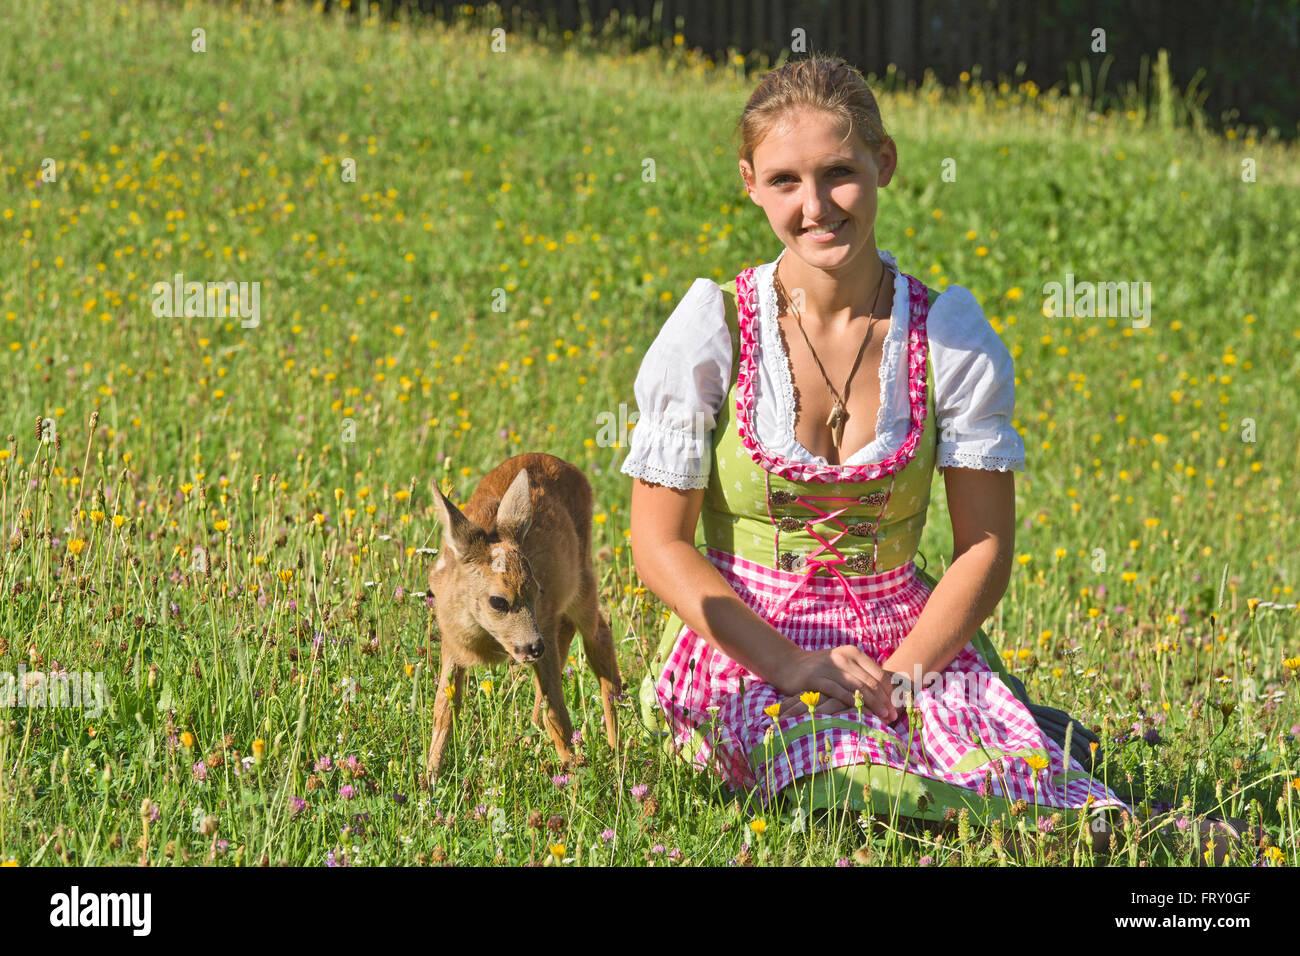 Frau im Dirndl mit zahmen Faon in einer Blumenwiese, Tirol, Österreich Stockbild